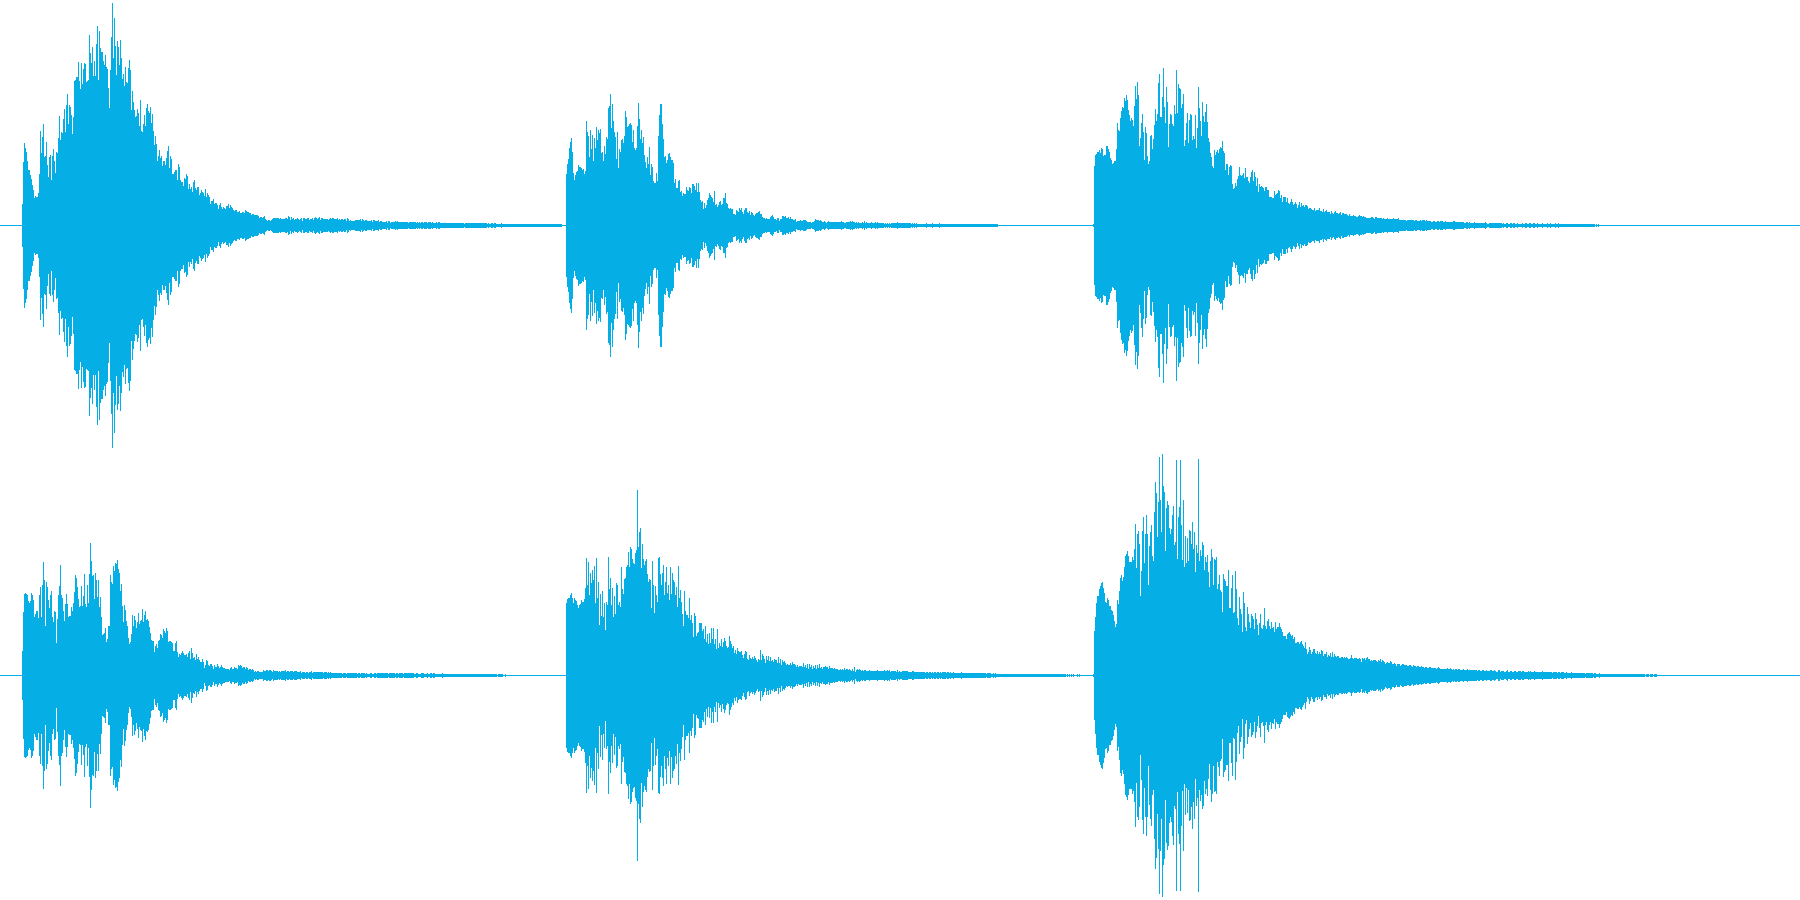 【ピアノ効果音】不思議、謎めいた瞬間の再生済みの波形